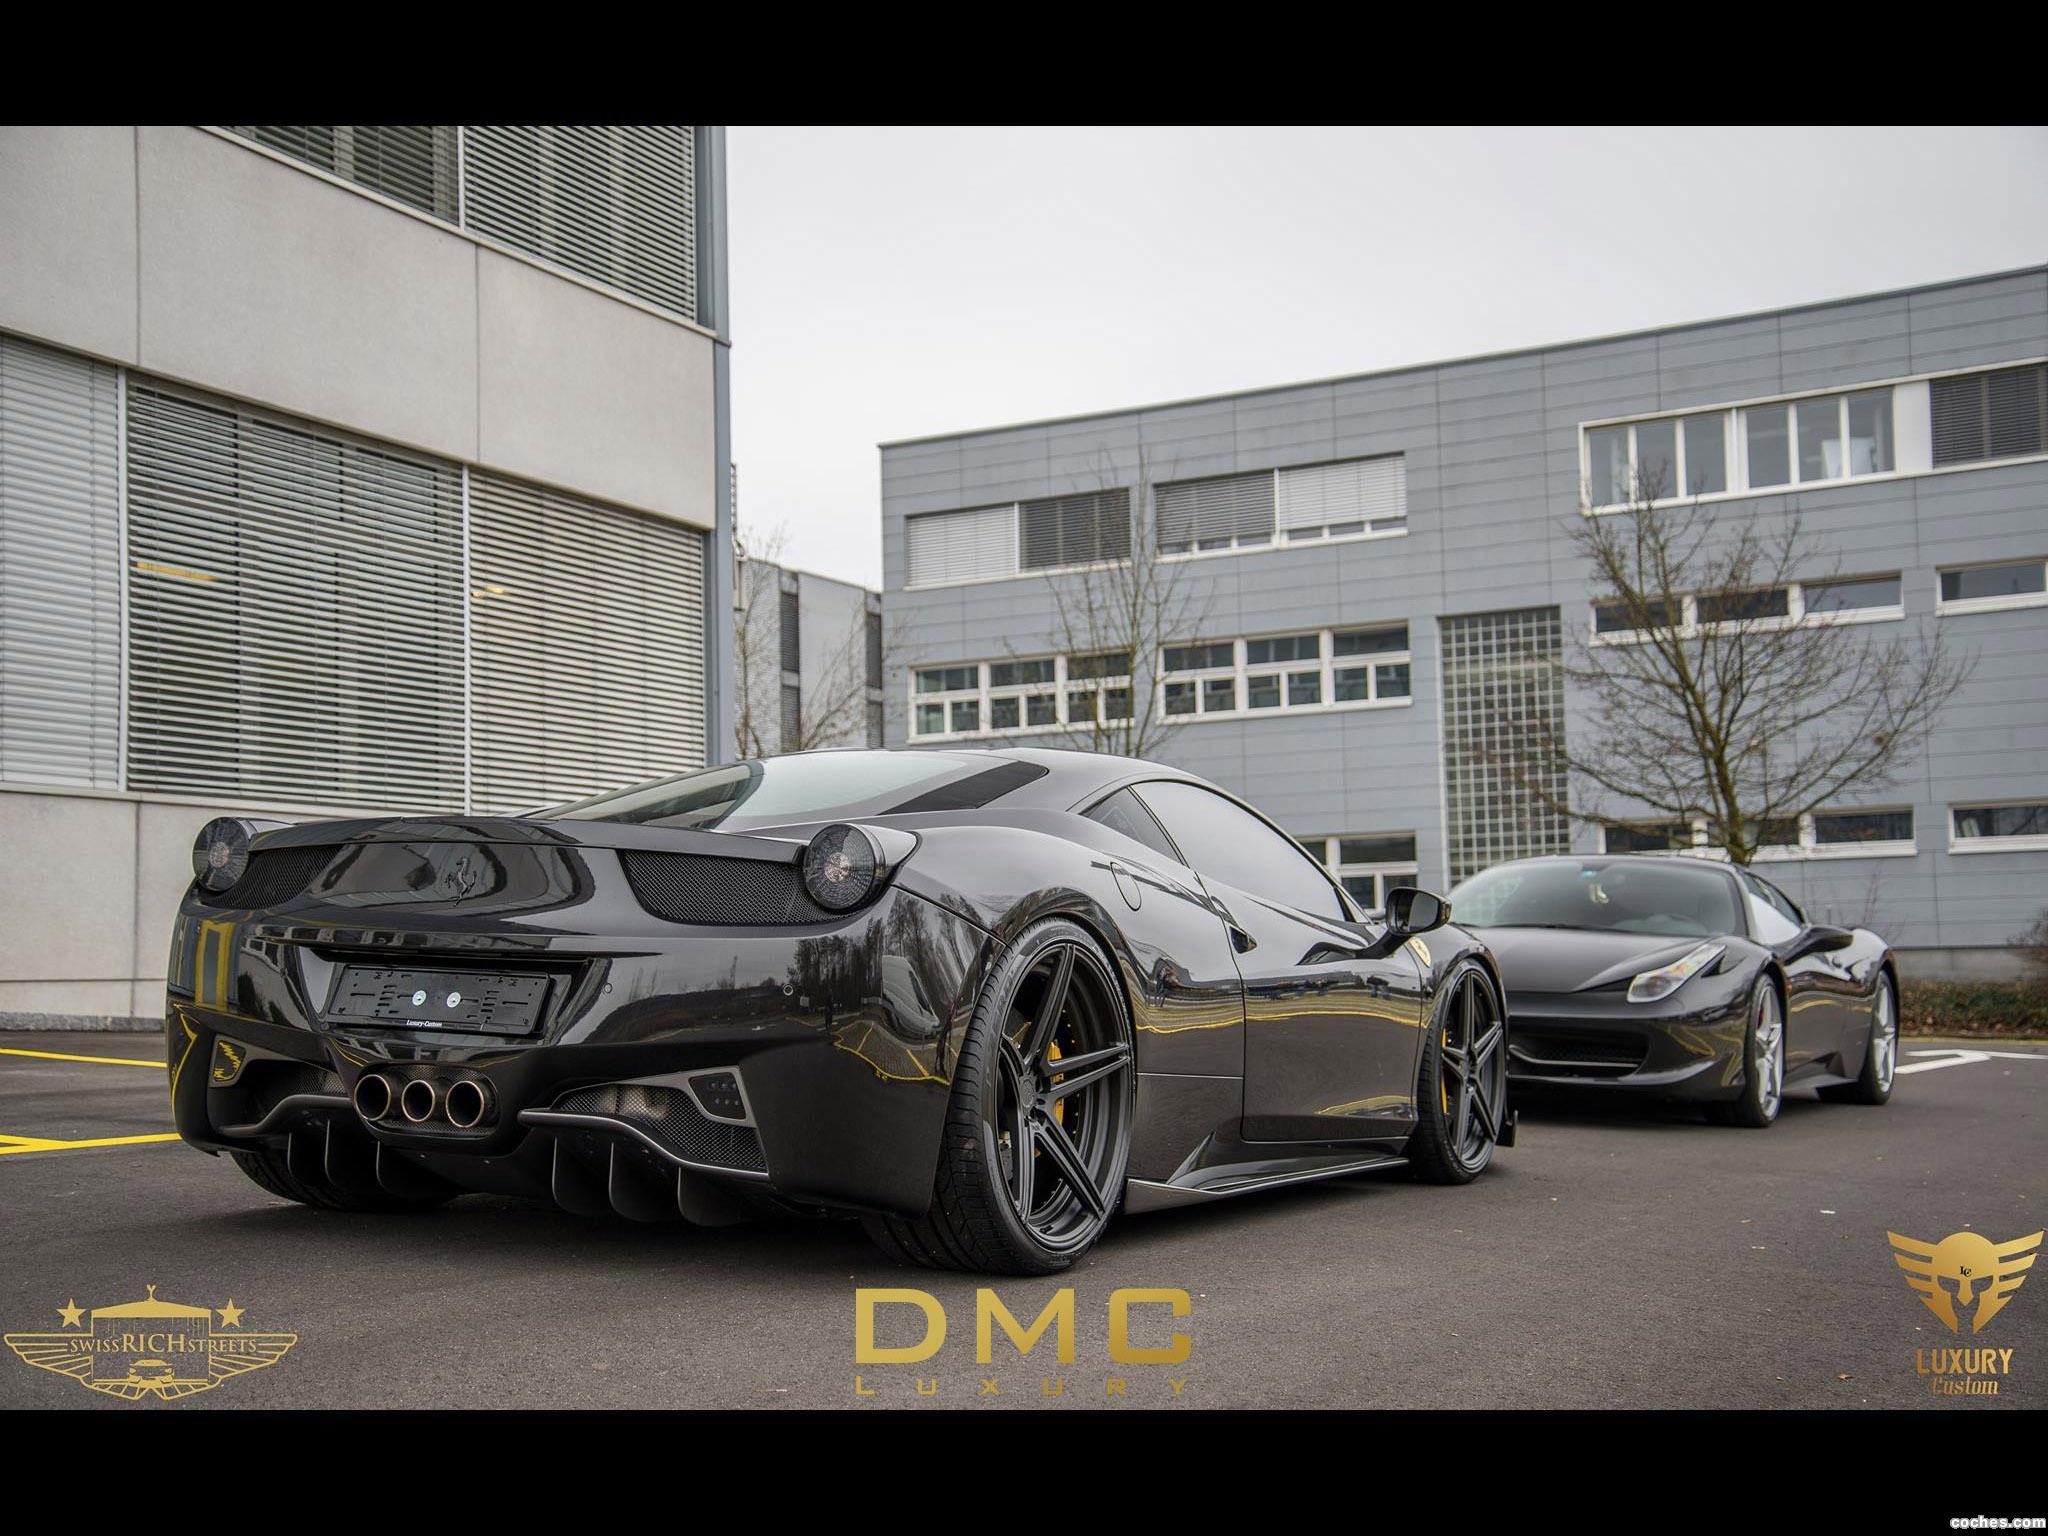 Foto 2 de DMC Design Ferrari 458 Italia Elegante 2014